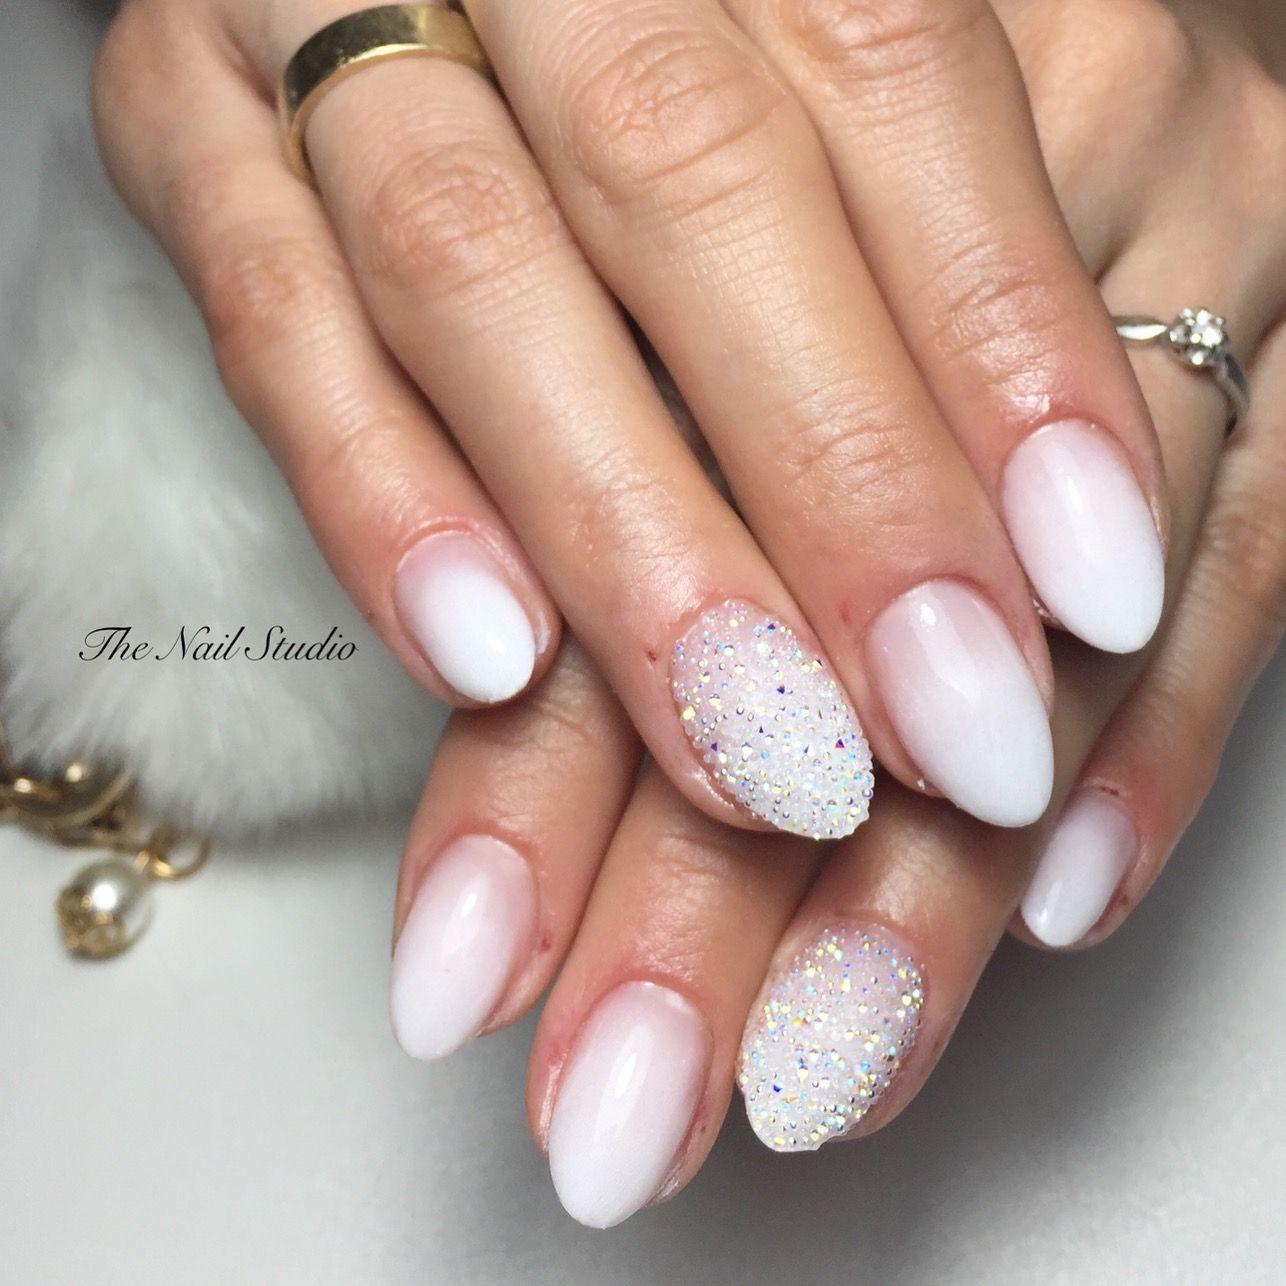 nails #nail #fashion #style #Polishgurl #cute #beauty #beautiful ...